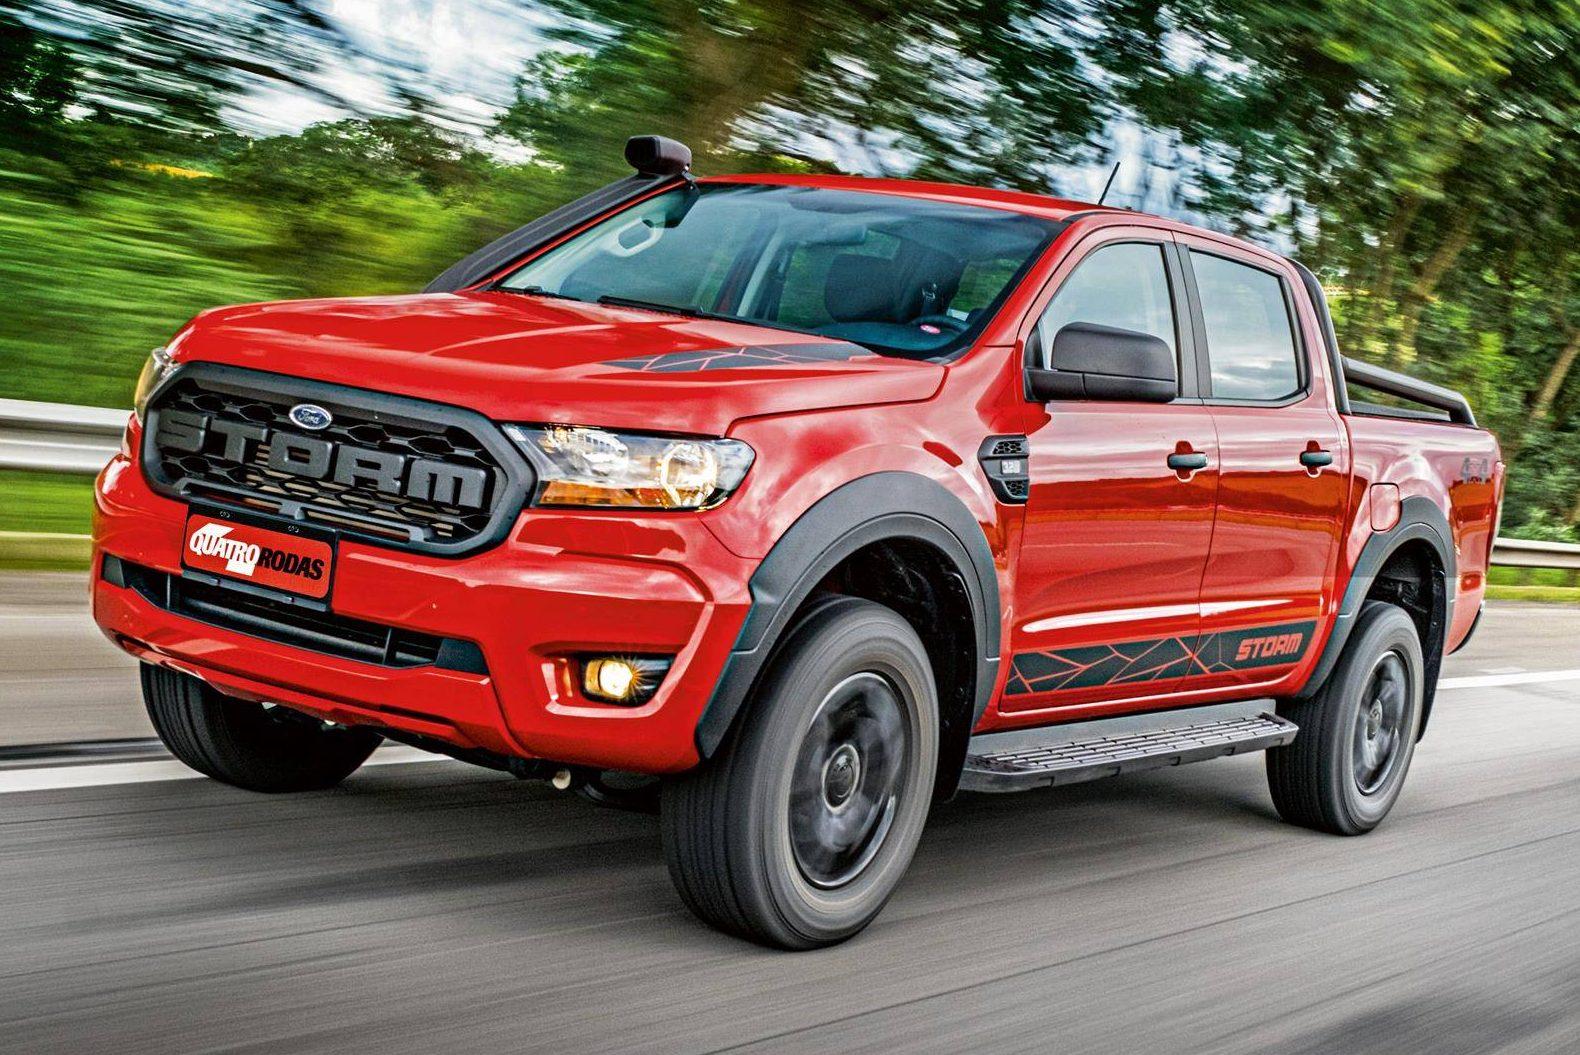 Teste Ford Ranger Storm Chama Mais Atencao Pelo Preco Que Pelo Visual Quatro Rodas